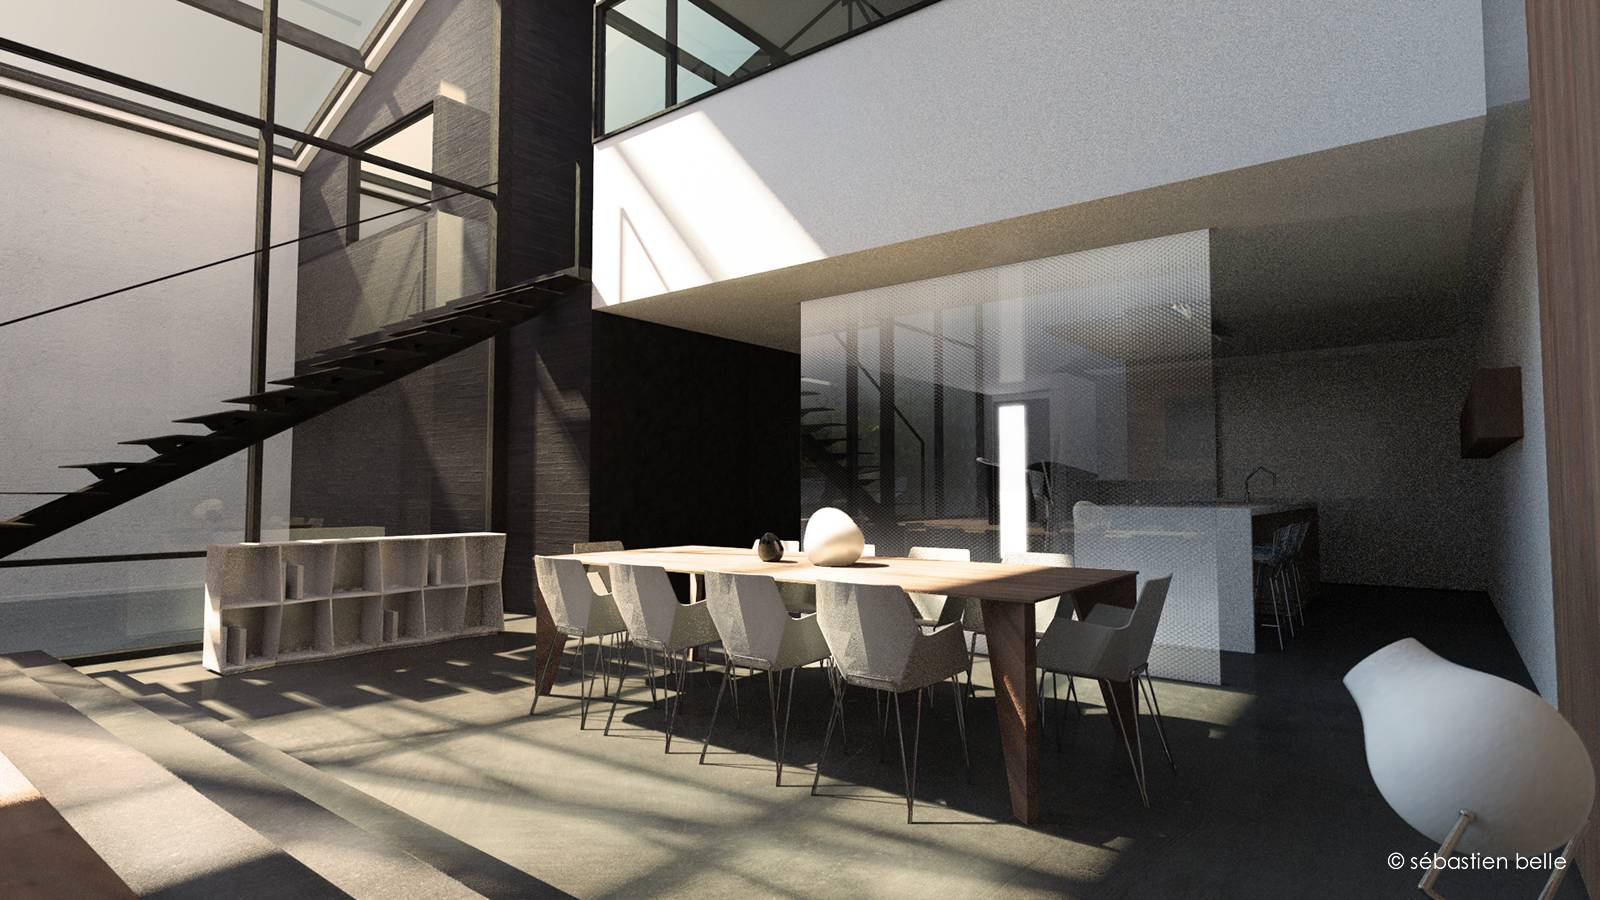 cr ation et agencement de lofts architecte a2 sb. Black Bedroom Furniture Sets. Home Design Ideas